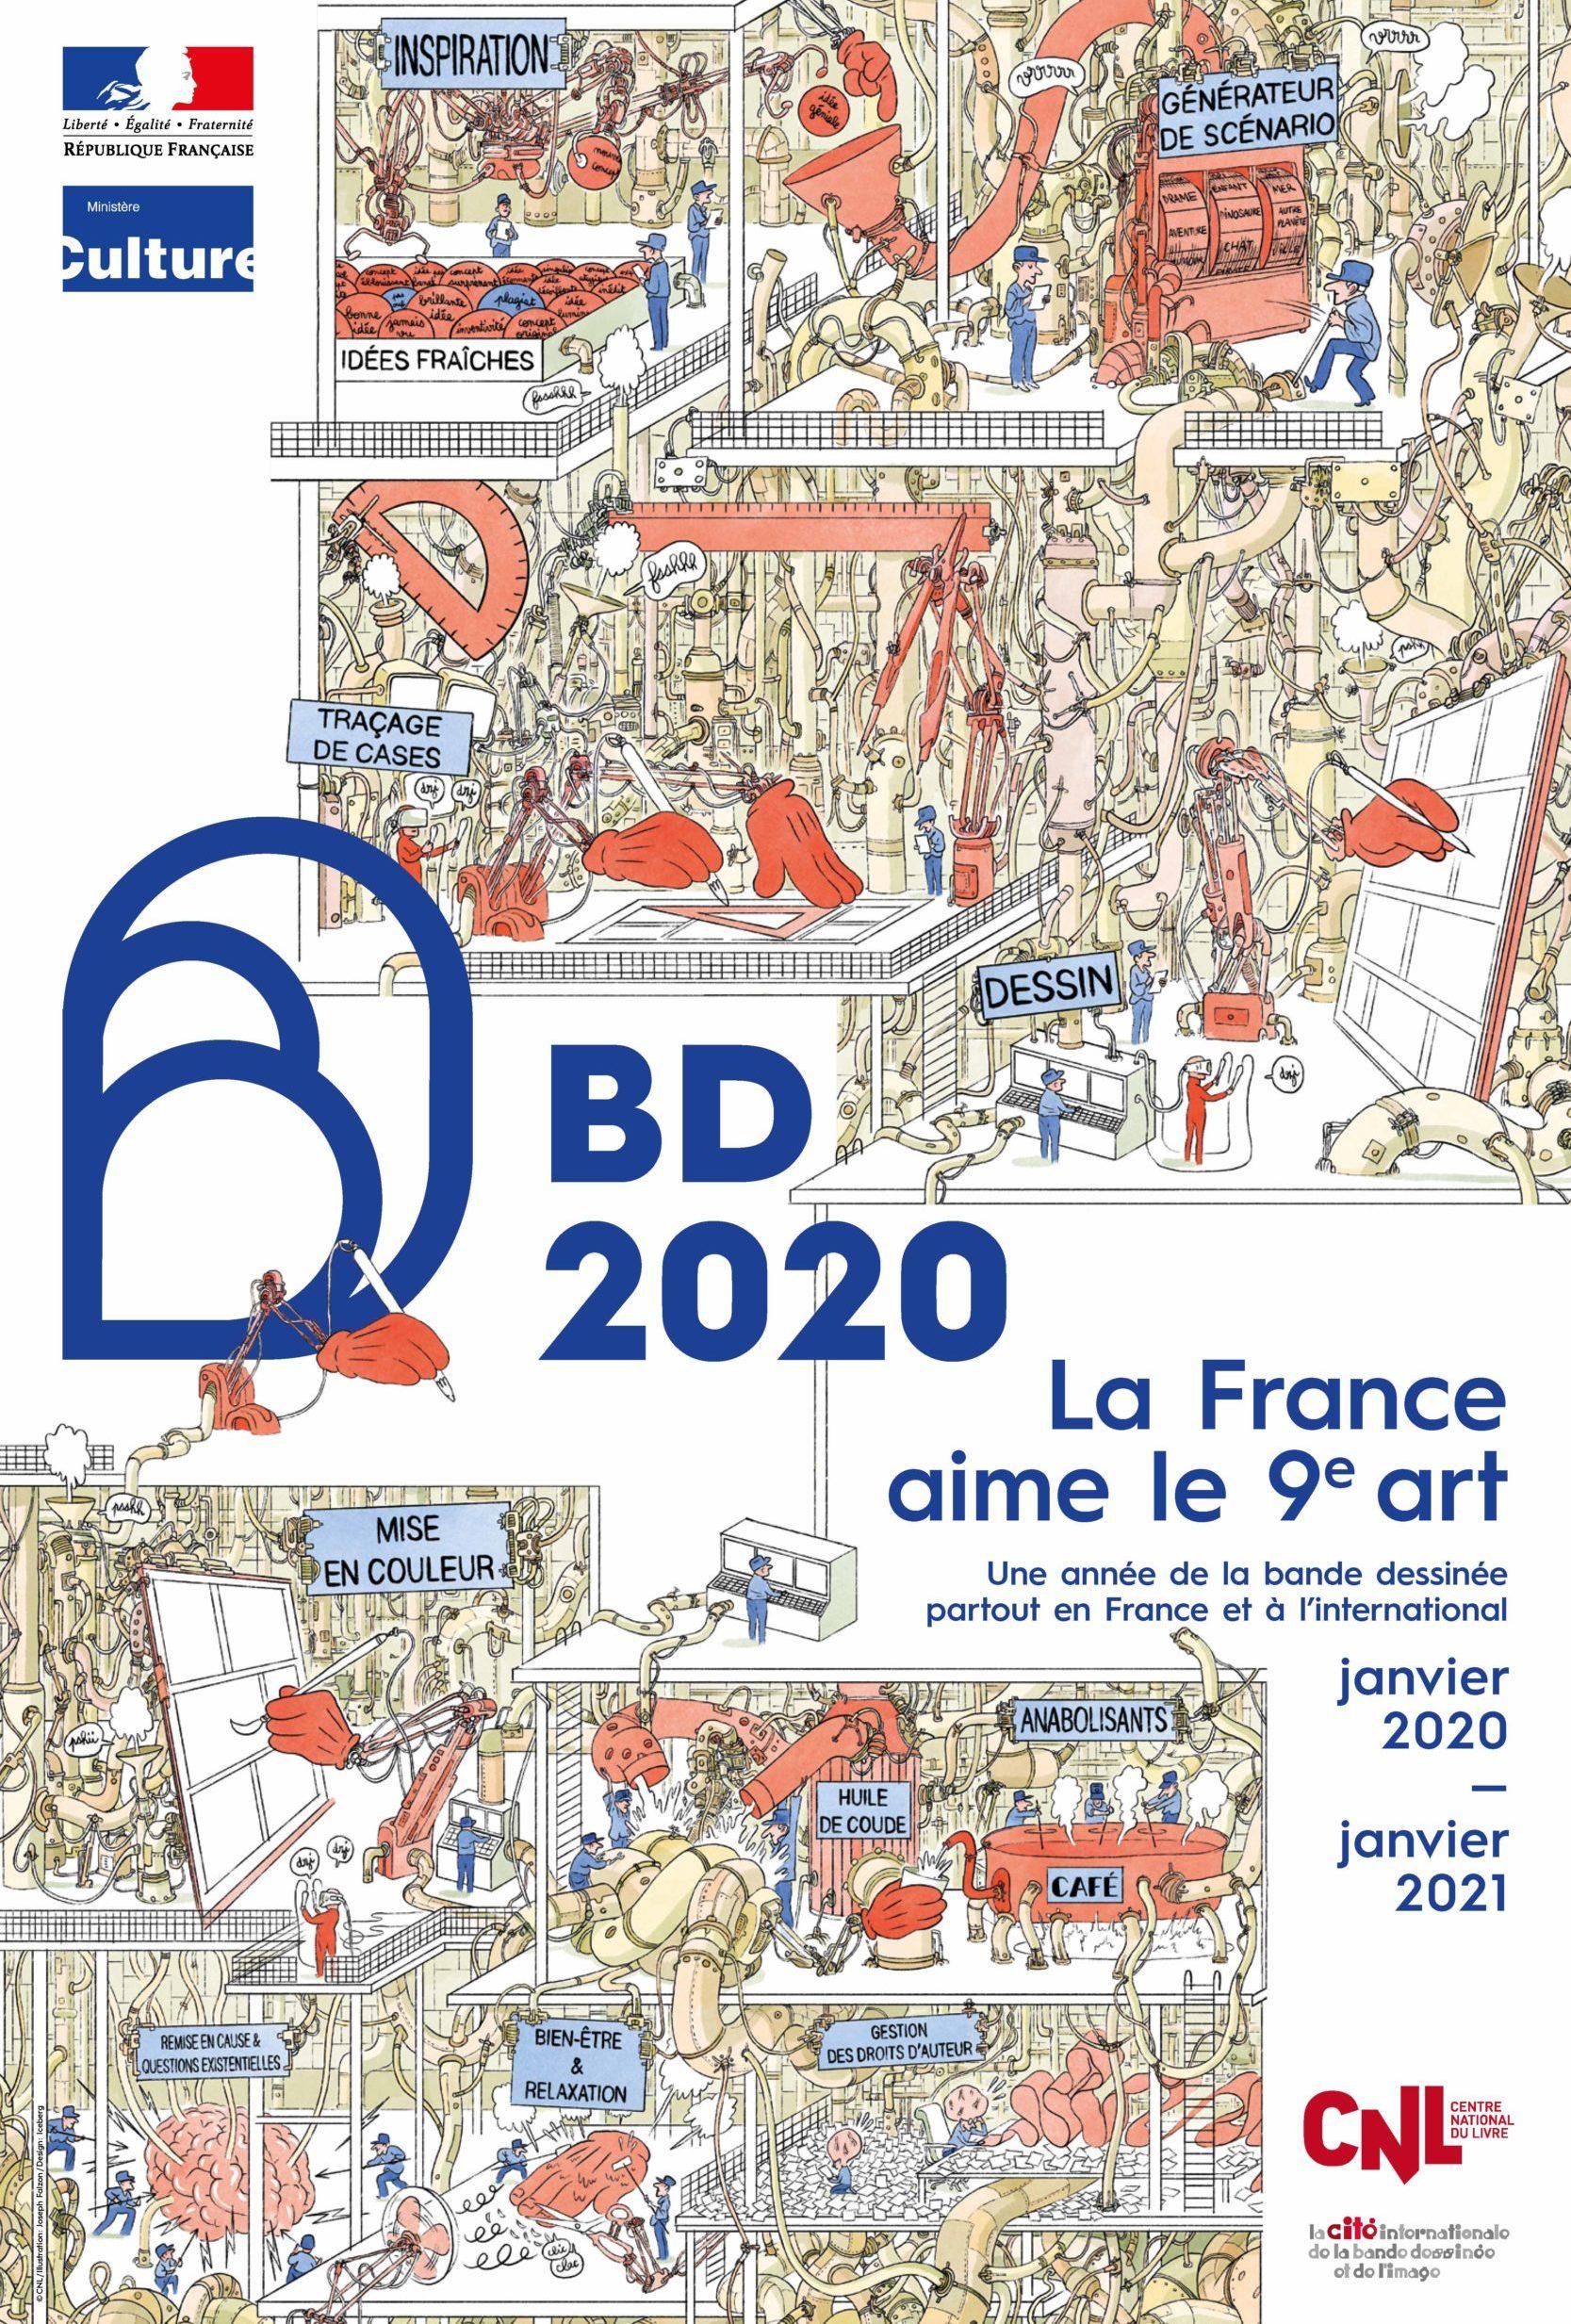 BD-Affiche-2020-scaled.jpg